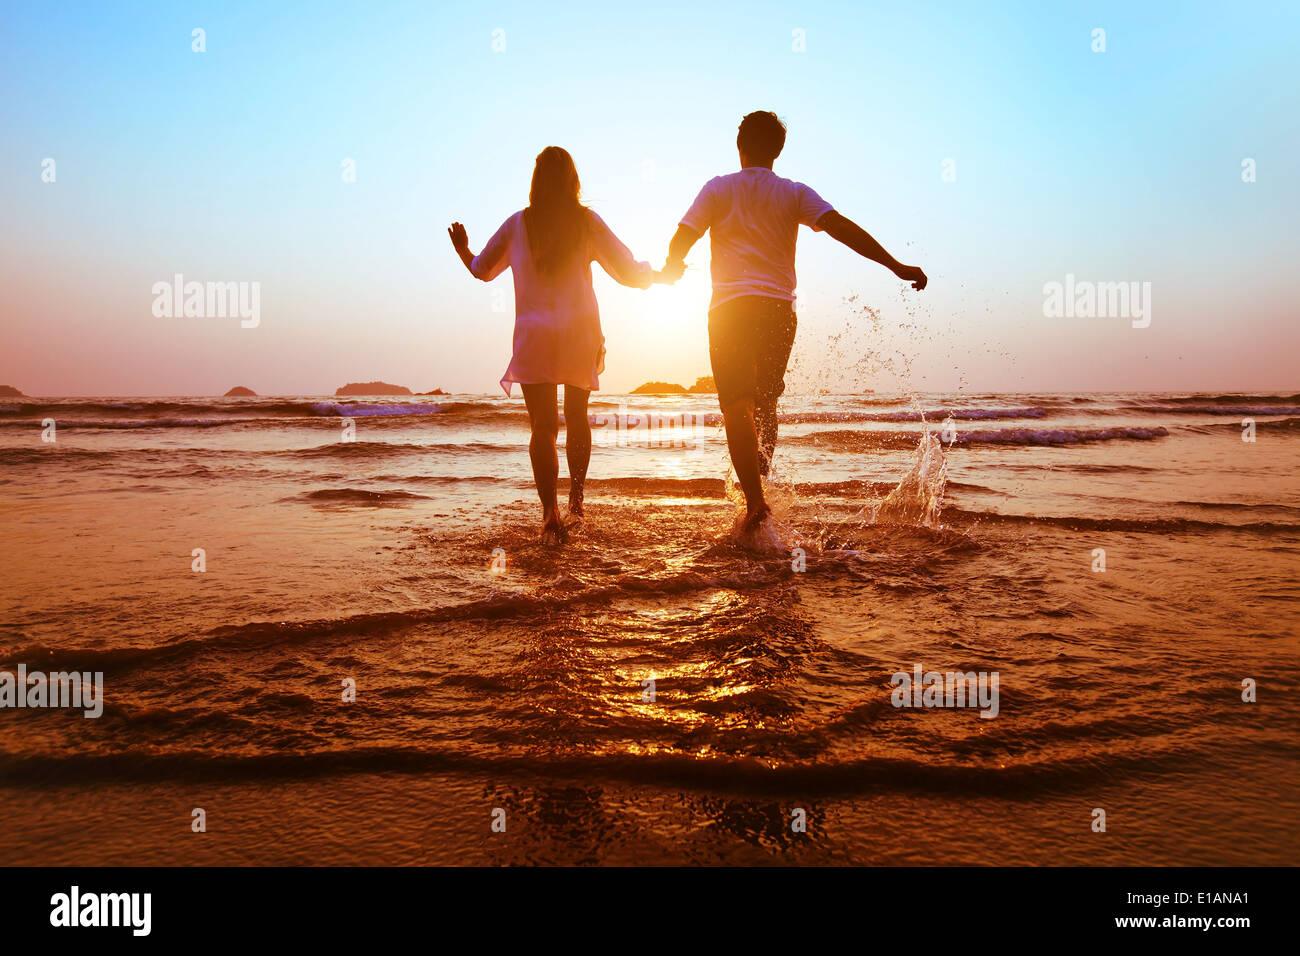 Joven pareja feliz corriendo al mar en sunset beach Imagen De Stock